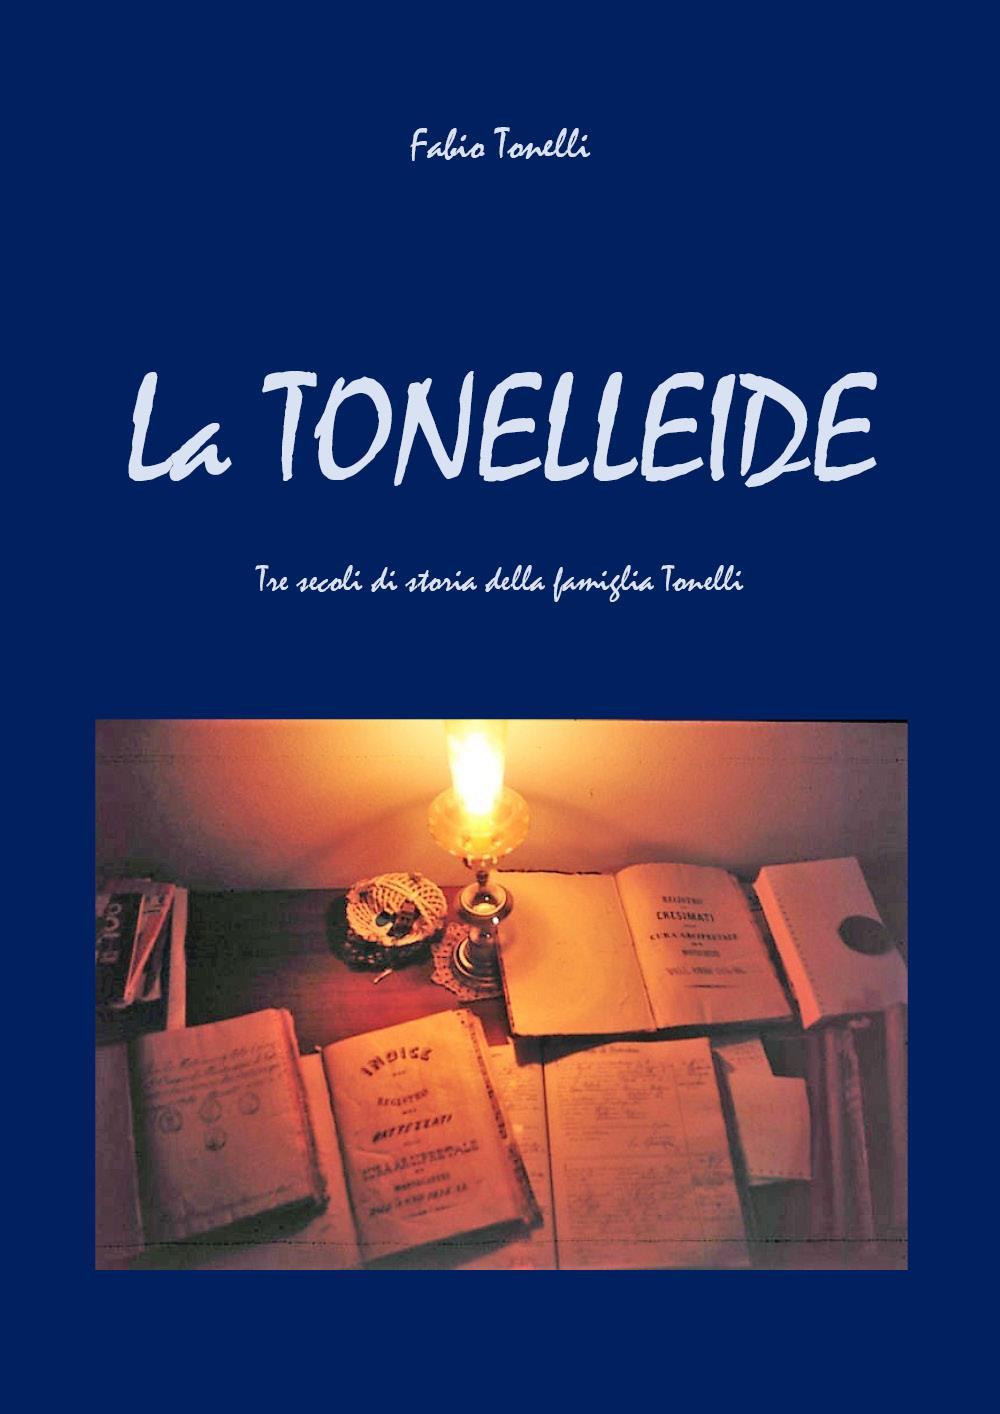 La Tonelleide